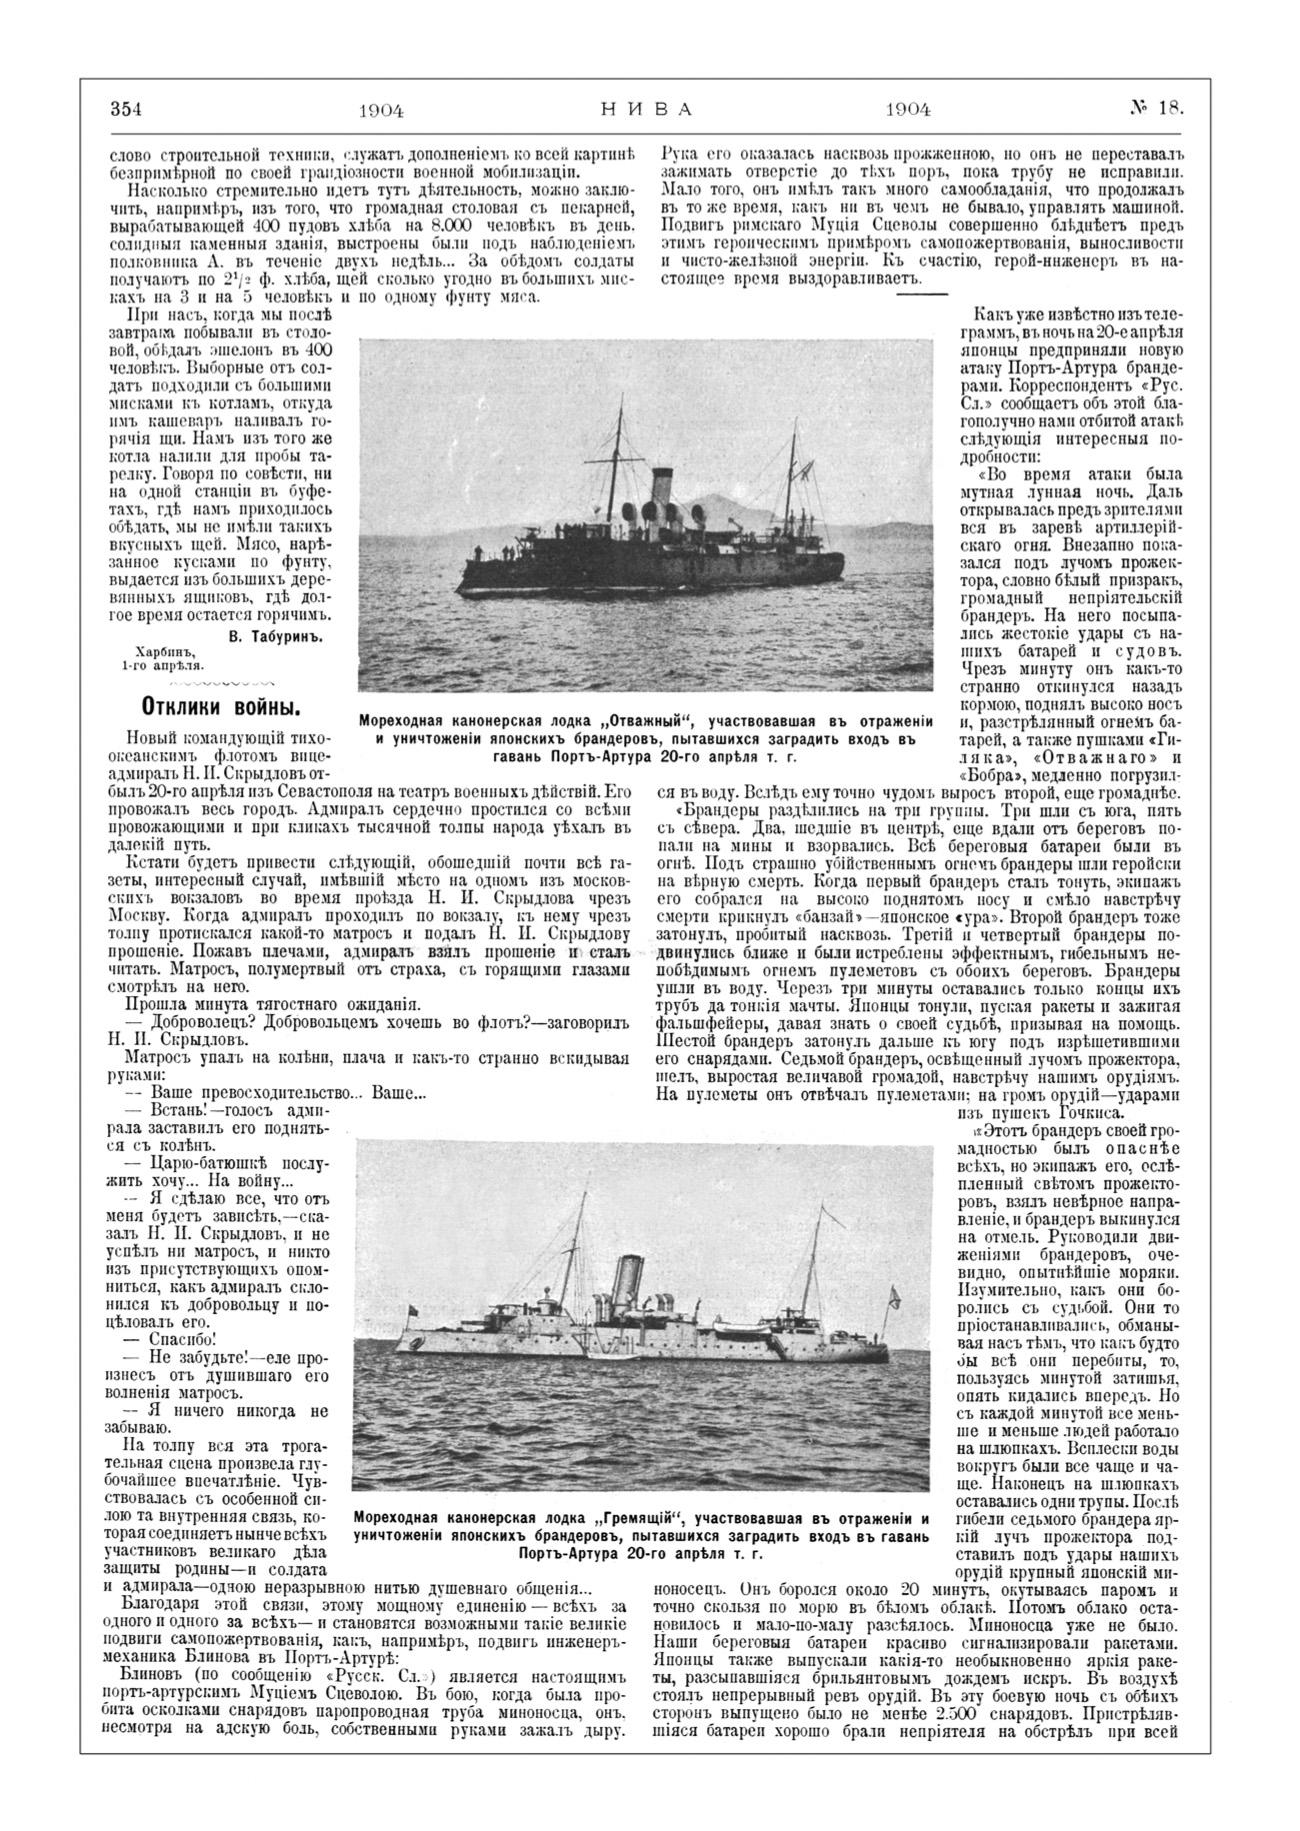 Русско-японская война, В. А. Табурин